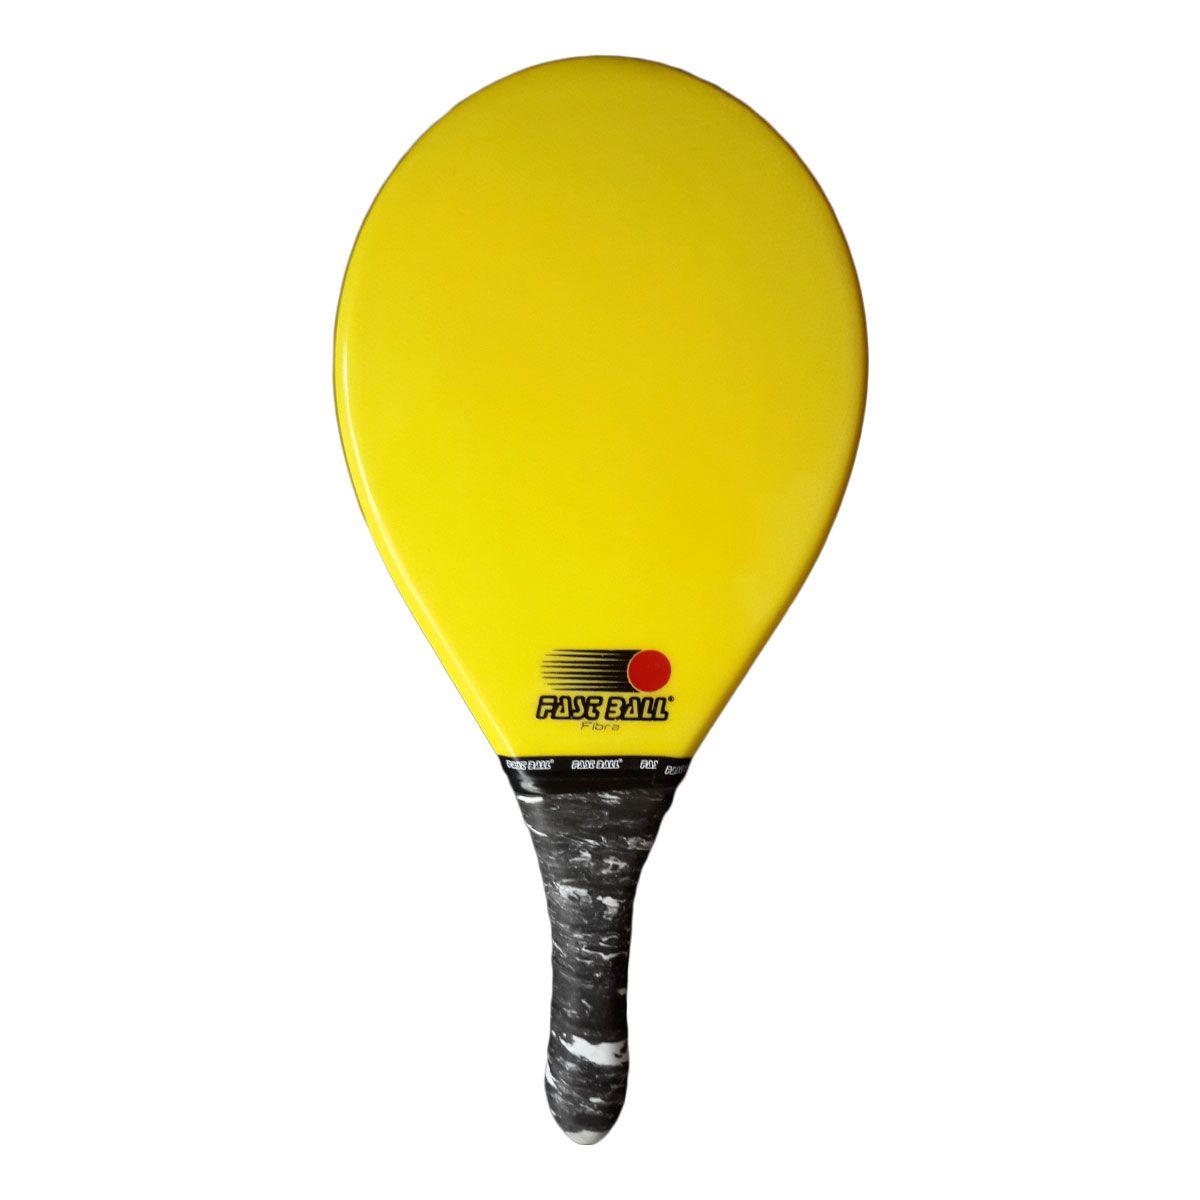 Raquete de Frescobol de Fibra Fast Ball cor Amarela